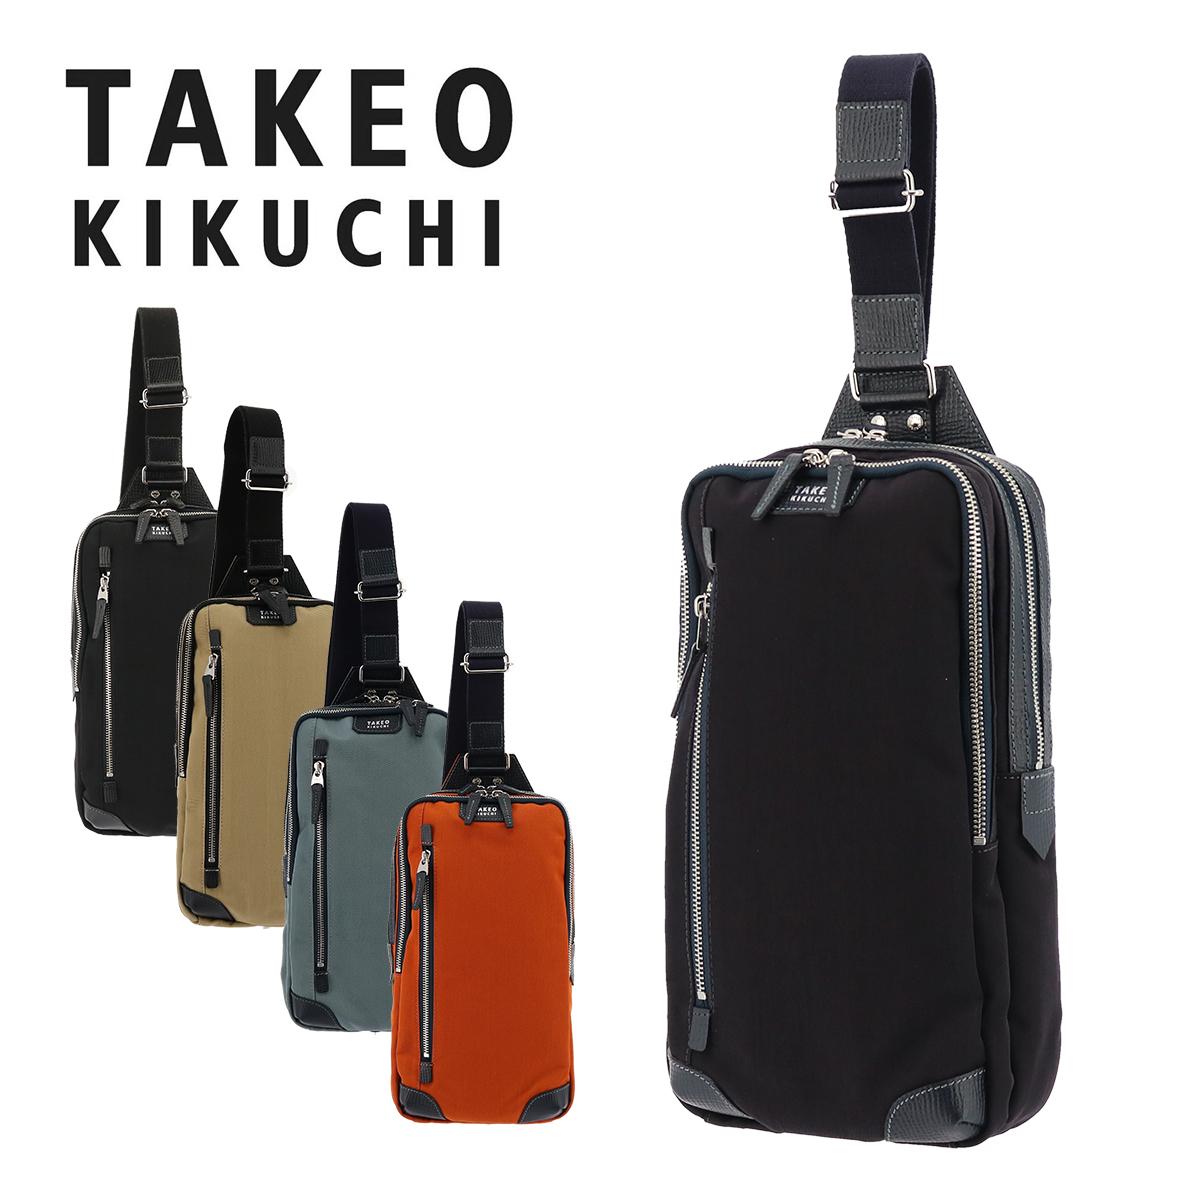 ボディバッグ タケオキクチ オリオン メンズ 741913 日本製 TAKEO KIKUCHI   ワンショルダー 撥水 キクチタケオ [PO5][bef]